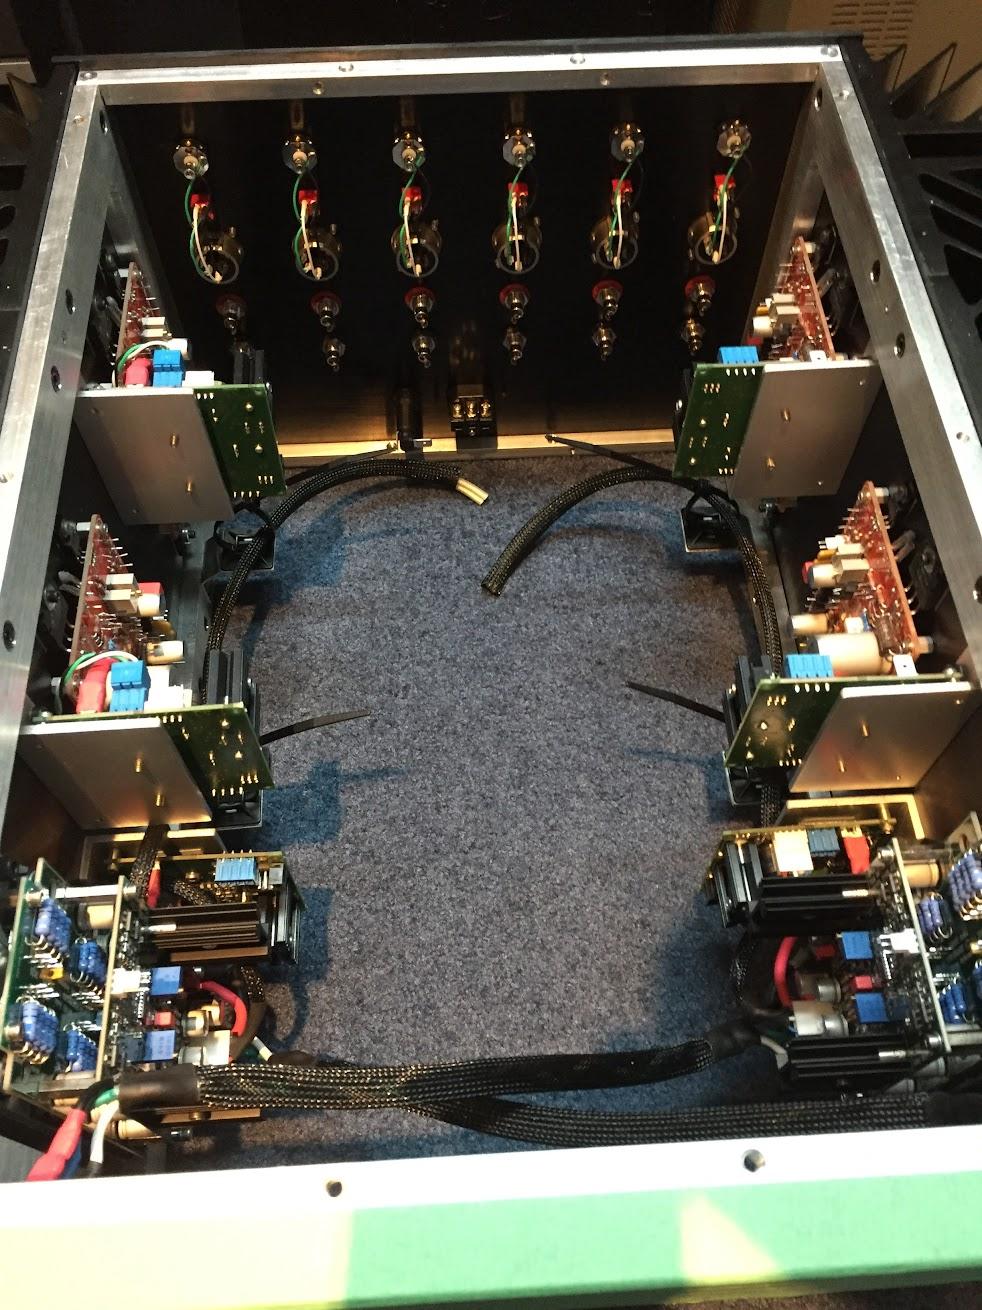 Amplificateur 6 canaux pour actif trois voies 1F_NBPETwG5ZQeiVTeugw9EBtyhSNPZaFggc1VpWaJl_iUNCYTc3WA355uGMy8ed51fPRJ12cT35XXLErMOigGrDAHpKE_bDURo5bQPqUcFV4o4bLdGUlOI8iVOQknJNFJwsLnpkqYx9XSuMUqnCfssOd1W5GILmYBzp7kf5iHmLh-A_Ffh5hSwfbXkpbIdaZC_XxCcCgsCQdgHt08fqQHkf_imSlgAjWbhlPPuiHjcjVypTtUJ2-XA1LPvQWHf043LvwNmivx-BPZORyCCG6SnSJ7aQcVKEoinMM1Q4gZYYyCTfOeiGsPG4tP0rczTBqGDpn-bG6WacK1XiiavINXlDF_eRjABg92Am5dA4zjrkdM_jggJ2hZSejQmXPg5gkKQWjDT8HtRAy1fIshcgf0ZJcmENM9ZnEXWS7s-ZEpBHIsO4h3usDWinjnpZJo5Ua70mKVw8RsuGd8pcBokhTHvEwbWW3Vycy56yVCQoMb350sWR0--FvASCntX1BArB1hnk62mC76YEryYI1Q8dVjnrtYicARTrE7Qxcw3sWWSoaH0uMrBthNGdTEW8slvLLYnNwoxiDUfEgXcTpmqQUk3ii4mWf00Z60g7aKYoj6WRHEpu=w983-h1310-no